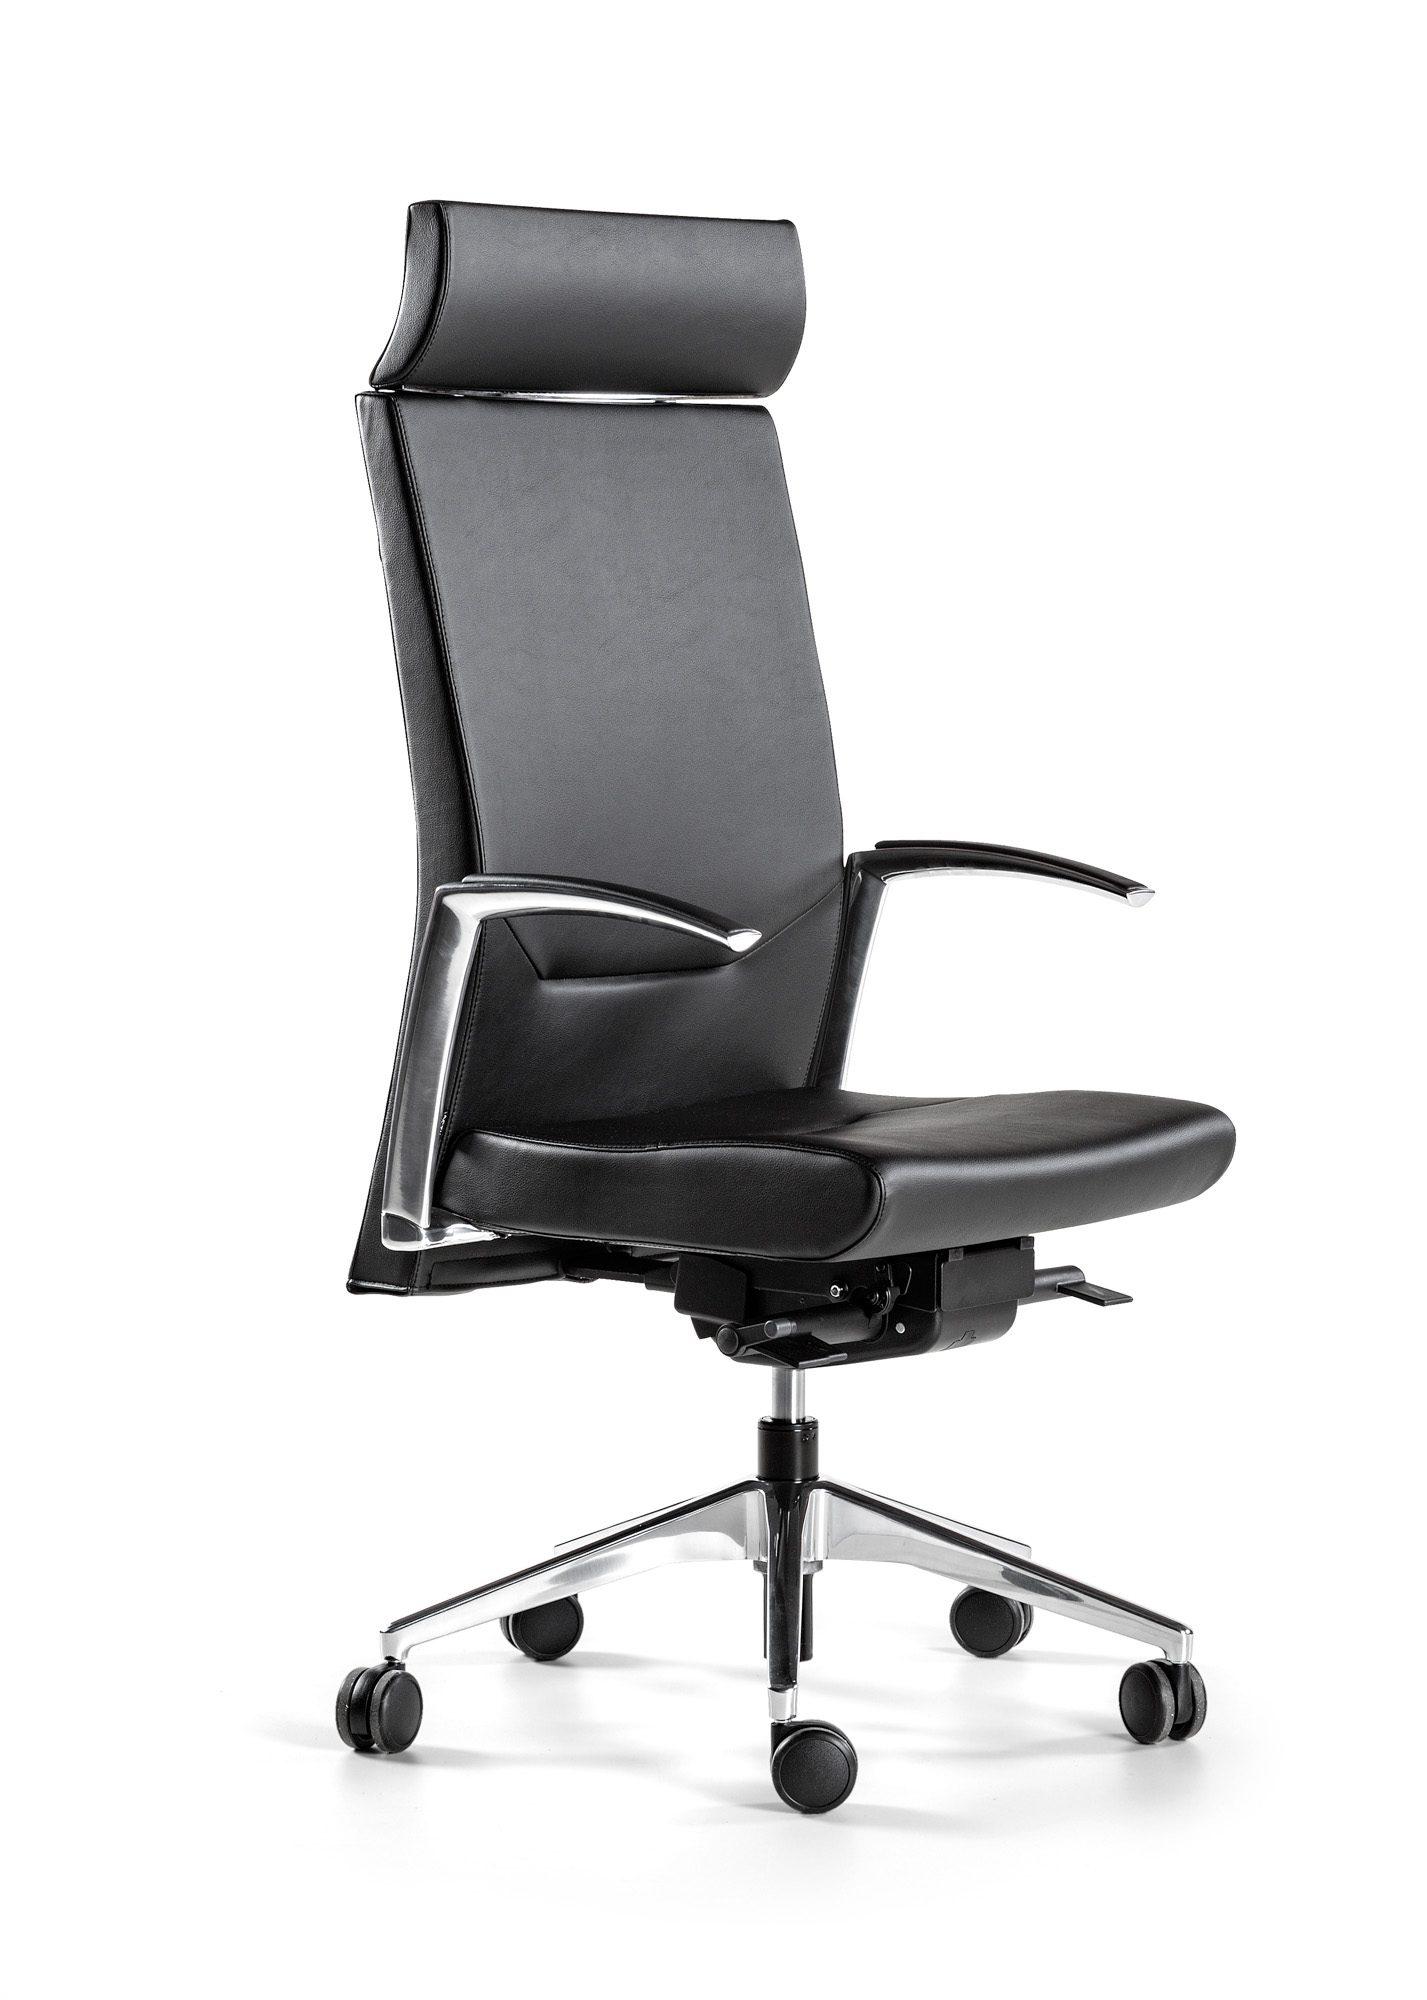 Sillones de direcci n kados muebles de oficina spacio for Sillones oficina ergonomicos precios